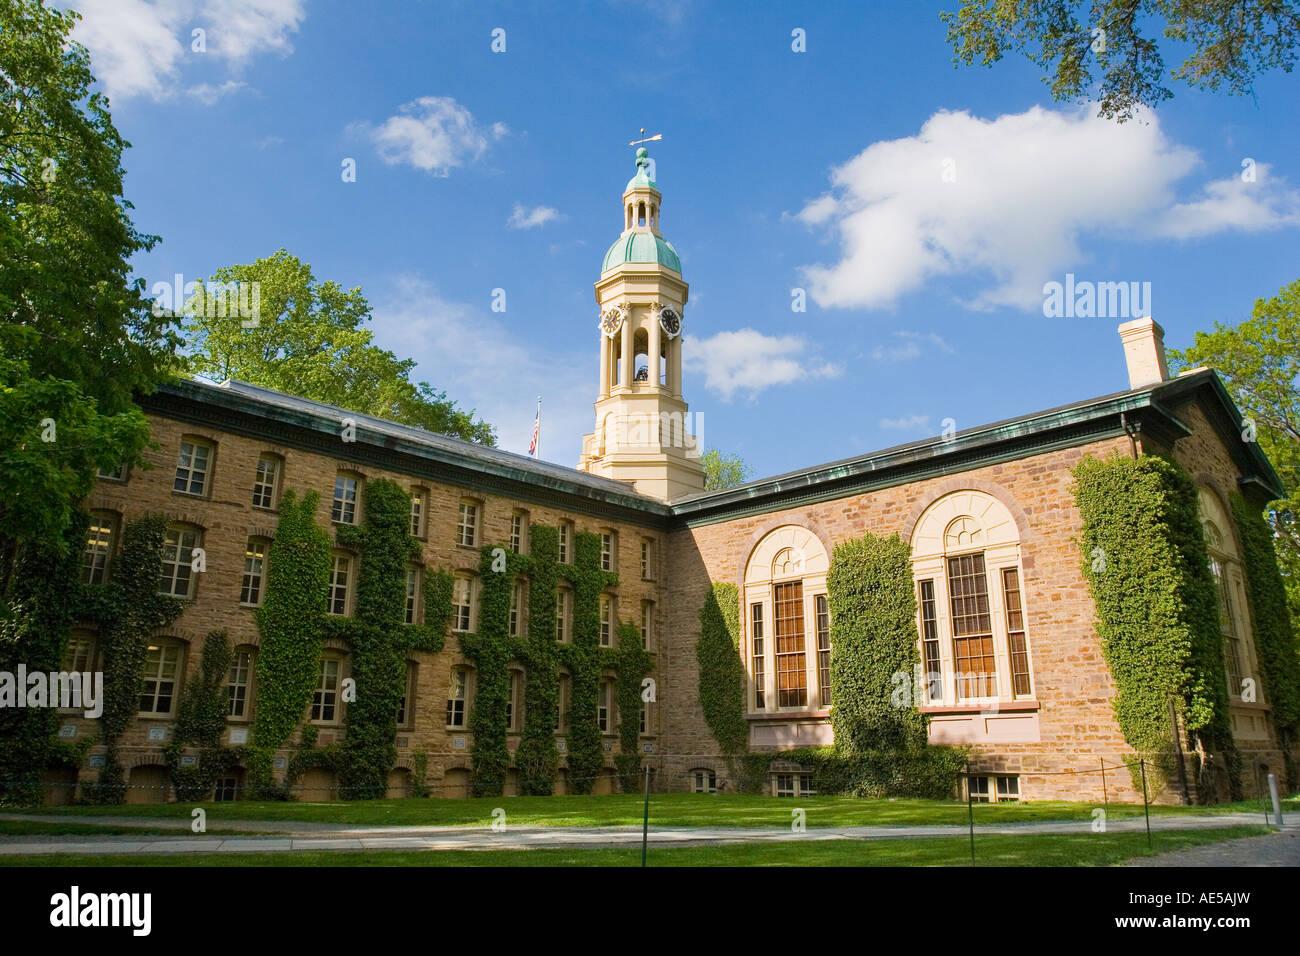 Ivy crecen en paredes de Nassau Hall edificio administrativo en la entrada de la escuela ivy league en la Universidad Imagen De Stock